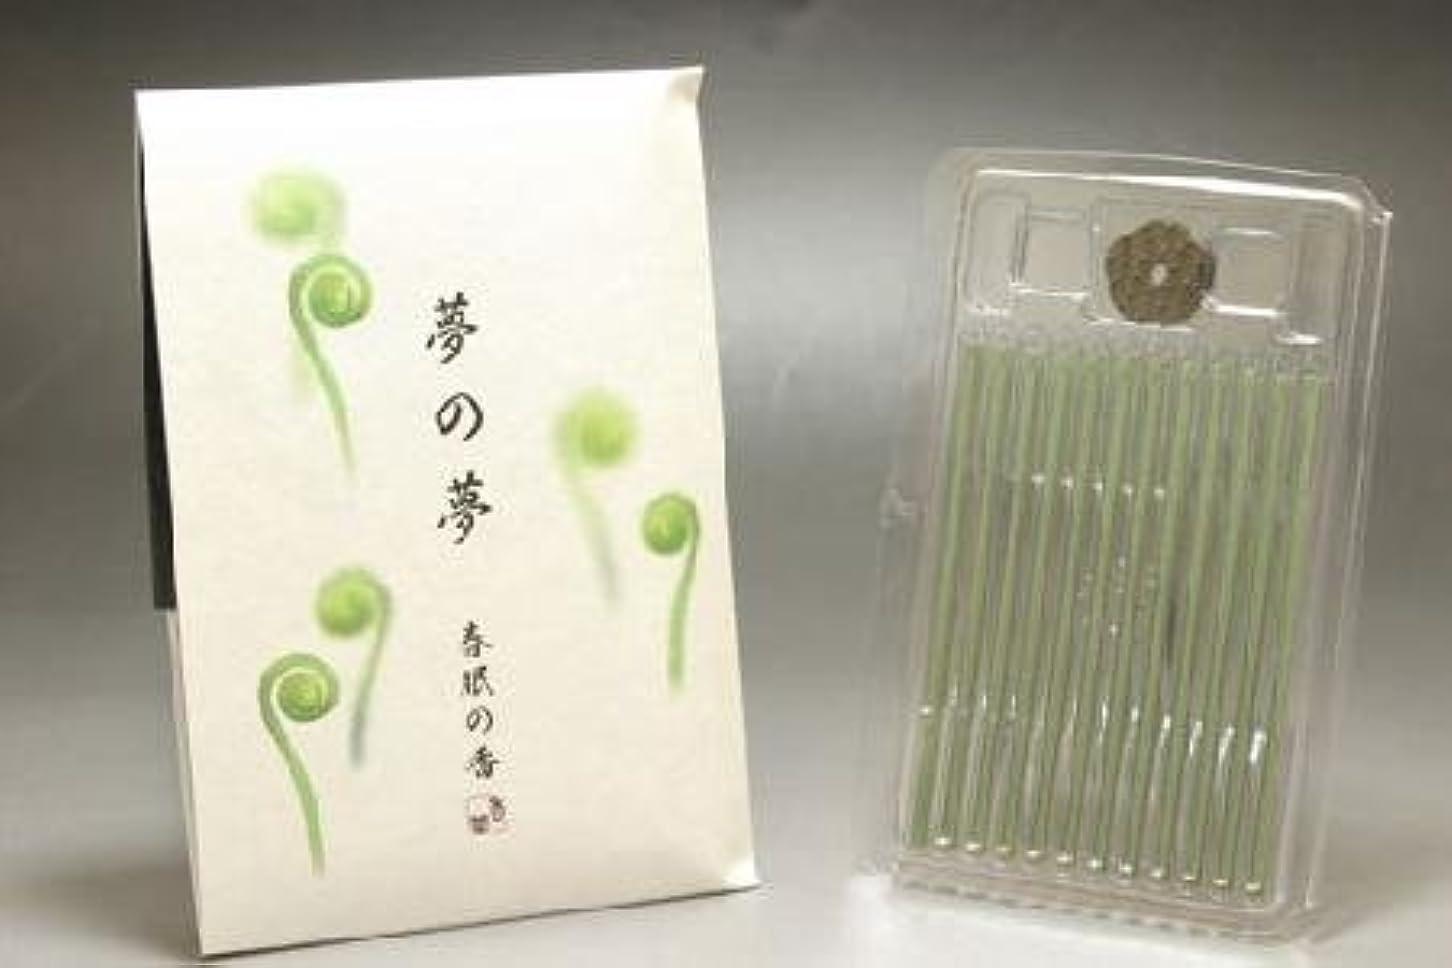 スコアメンタリティ不屈日本香堂のお香 夢の夢 春眠の春(はるねむり)のお香 スティック型12本入